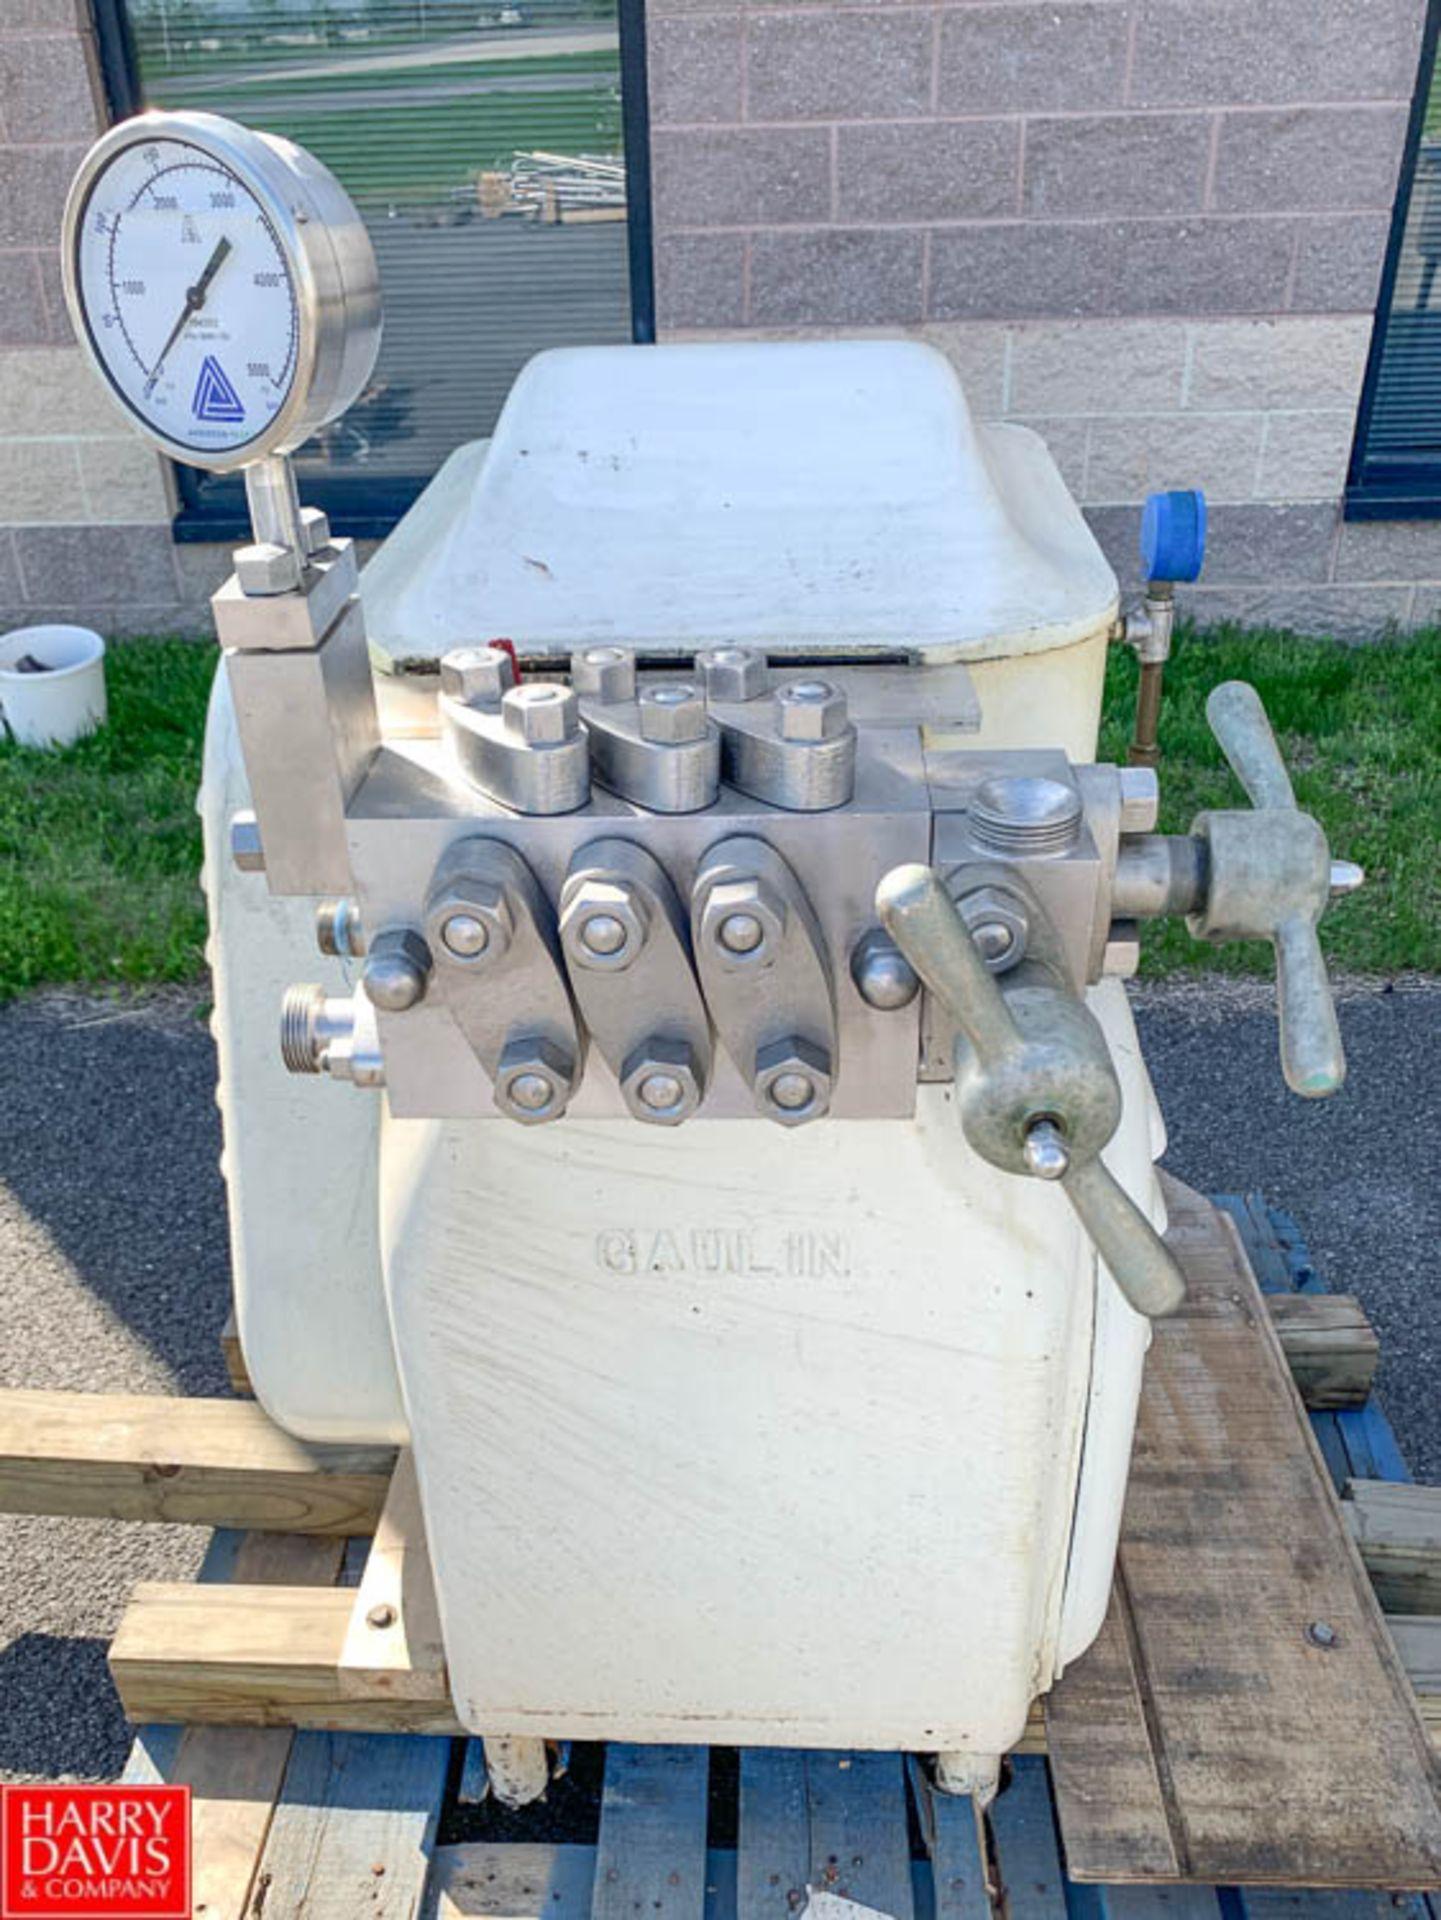 Lot 50 - Manton Gaulin Homogenizer, Model 300, S/N 119--169 - Rigging Fee: $25